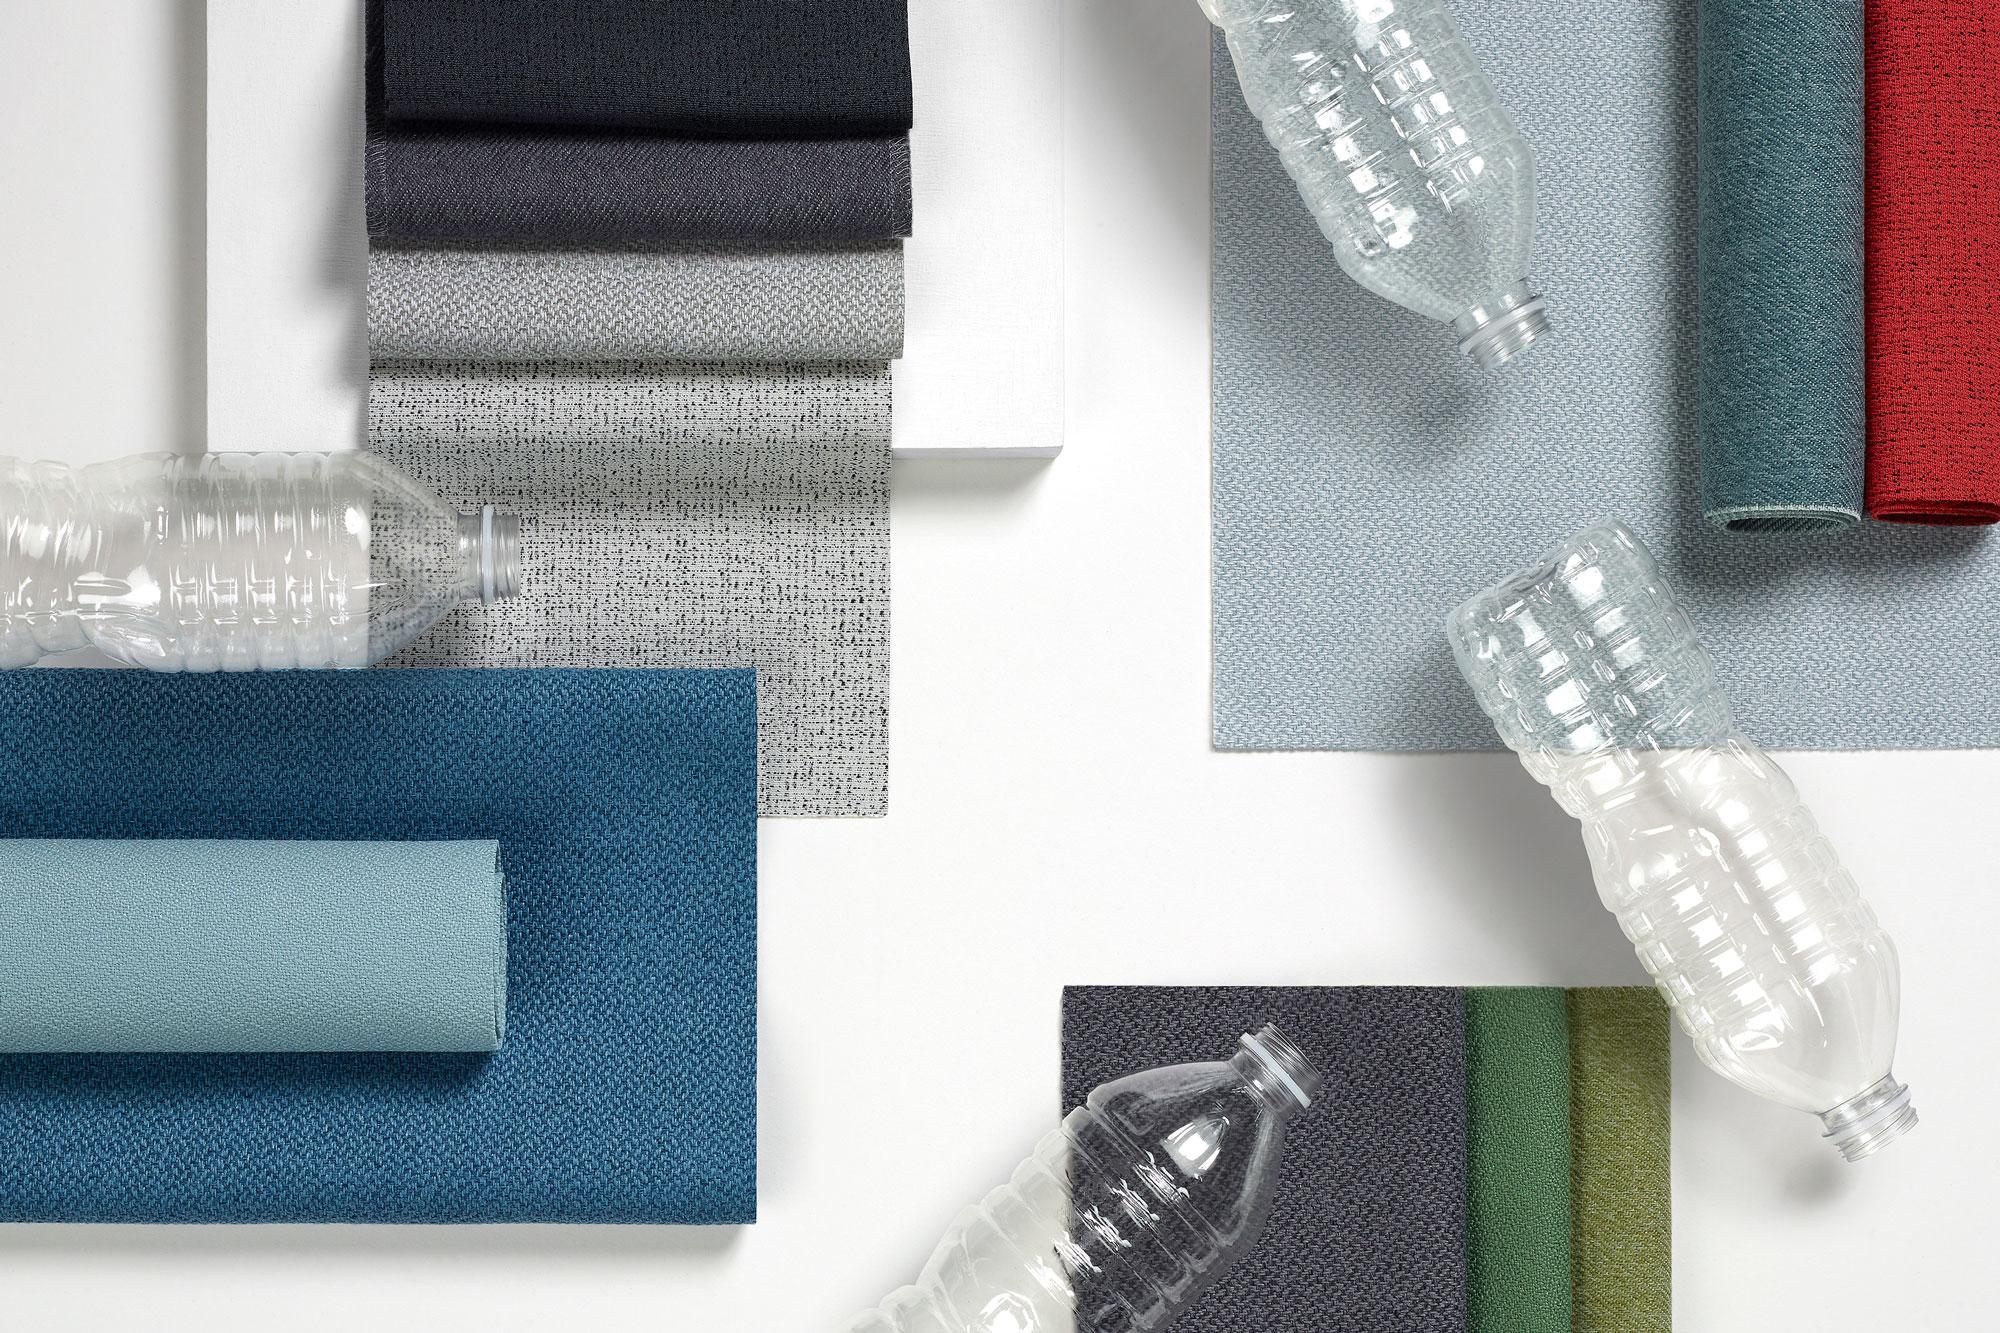 Farbenfrohe Nachhaltigkeit: Die neue Stoffkollektion ›Revenio‹ kommt in vier individuellen Mustern